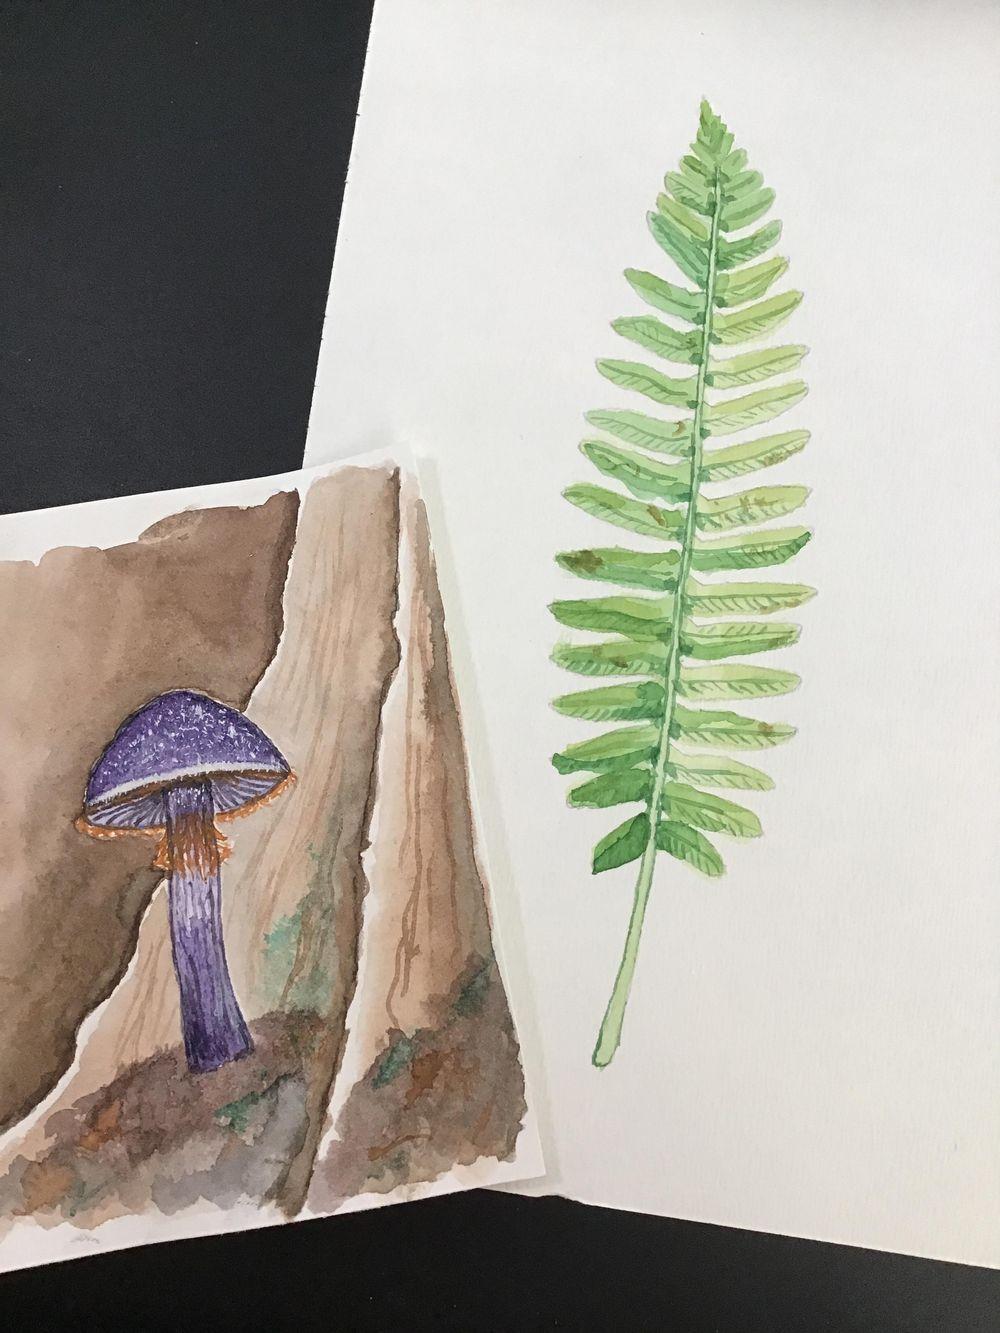 Purple mushroom - image 1 - student project